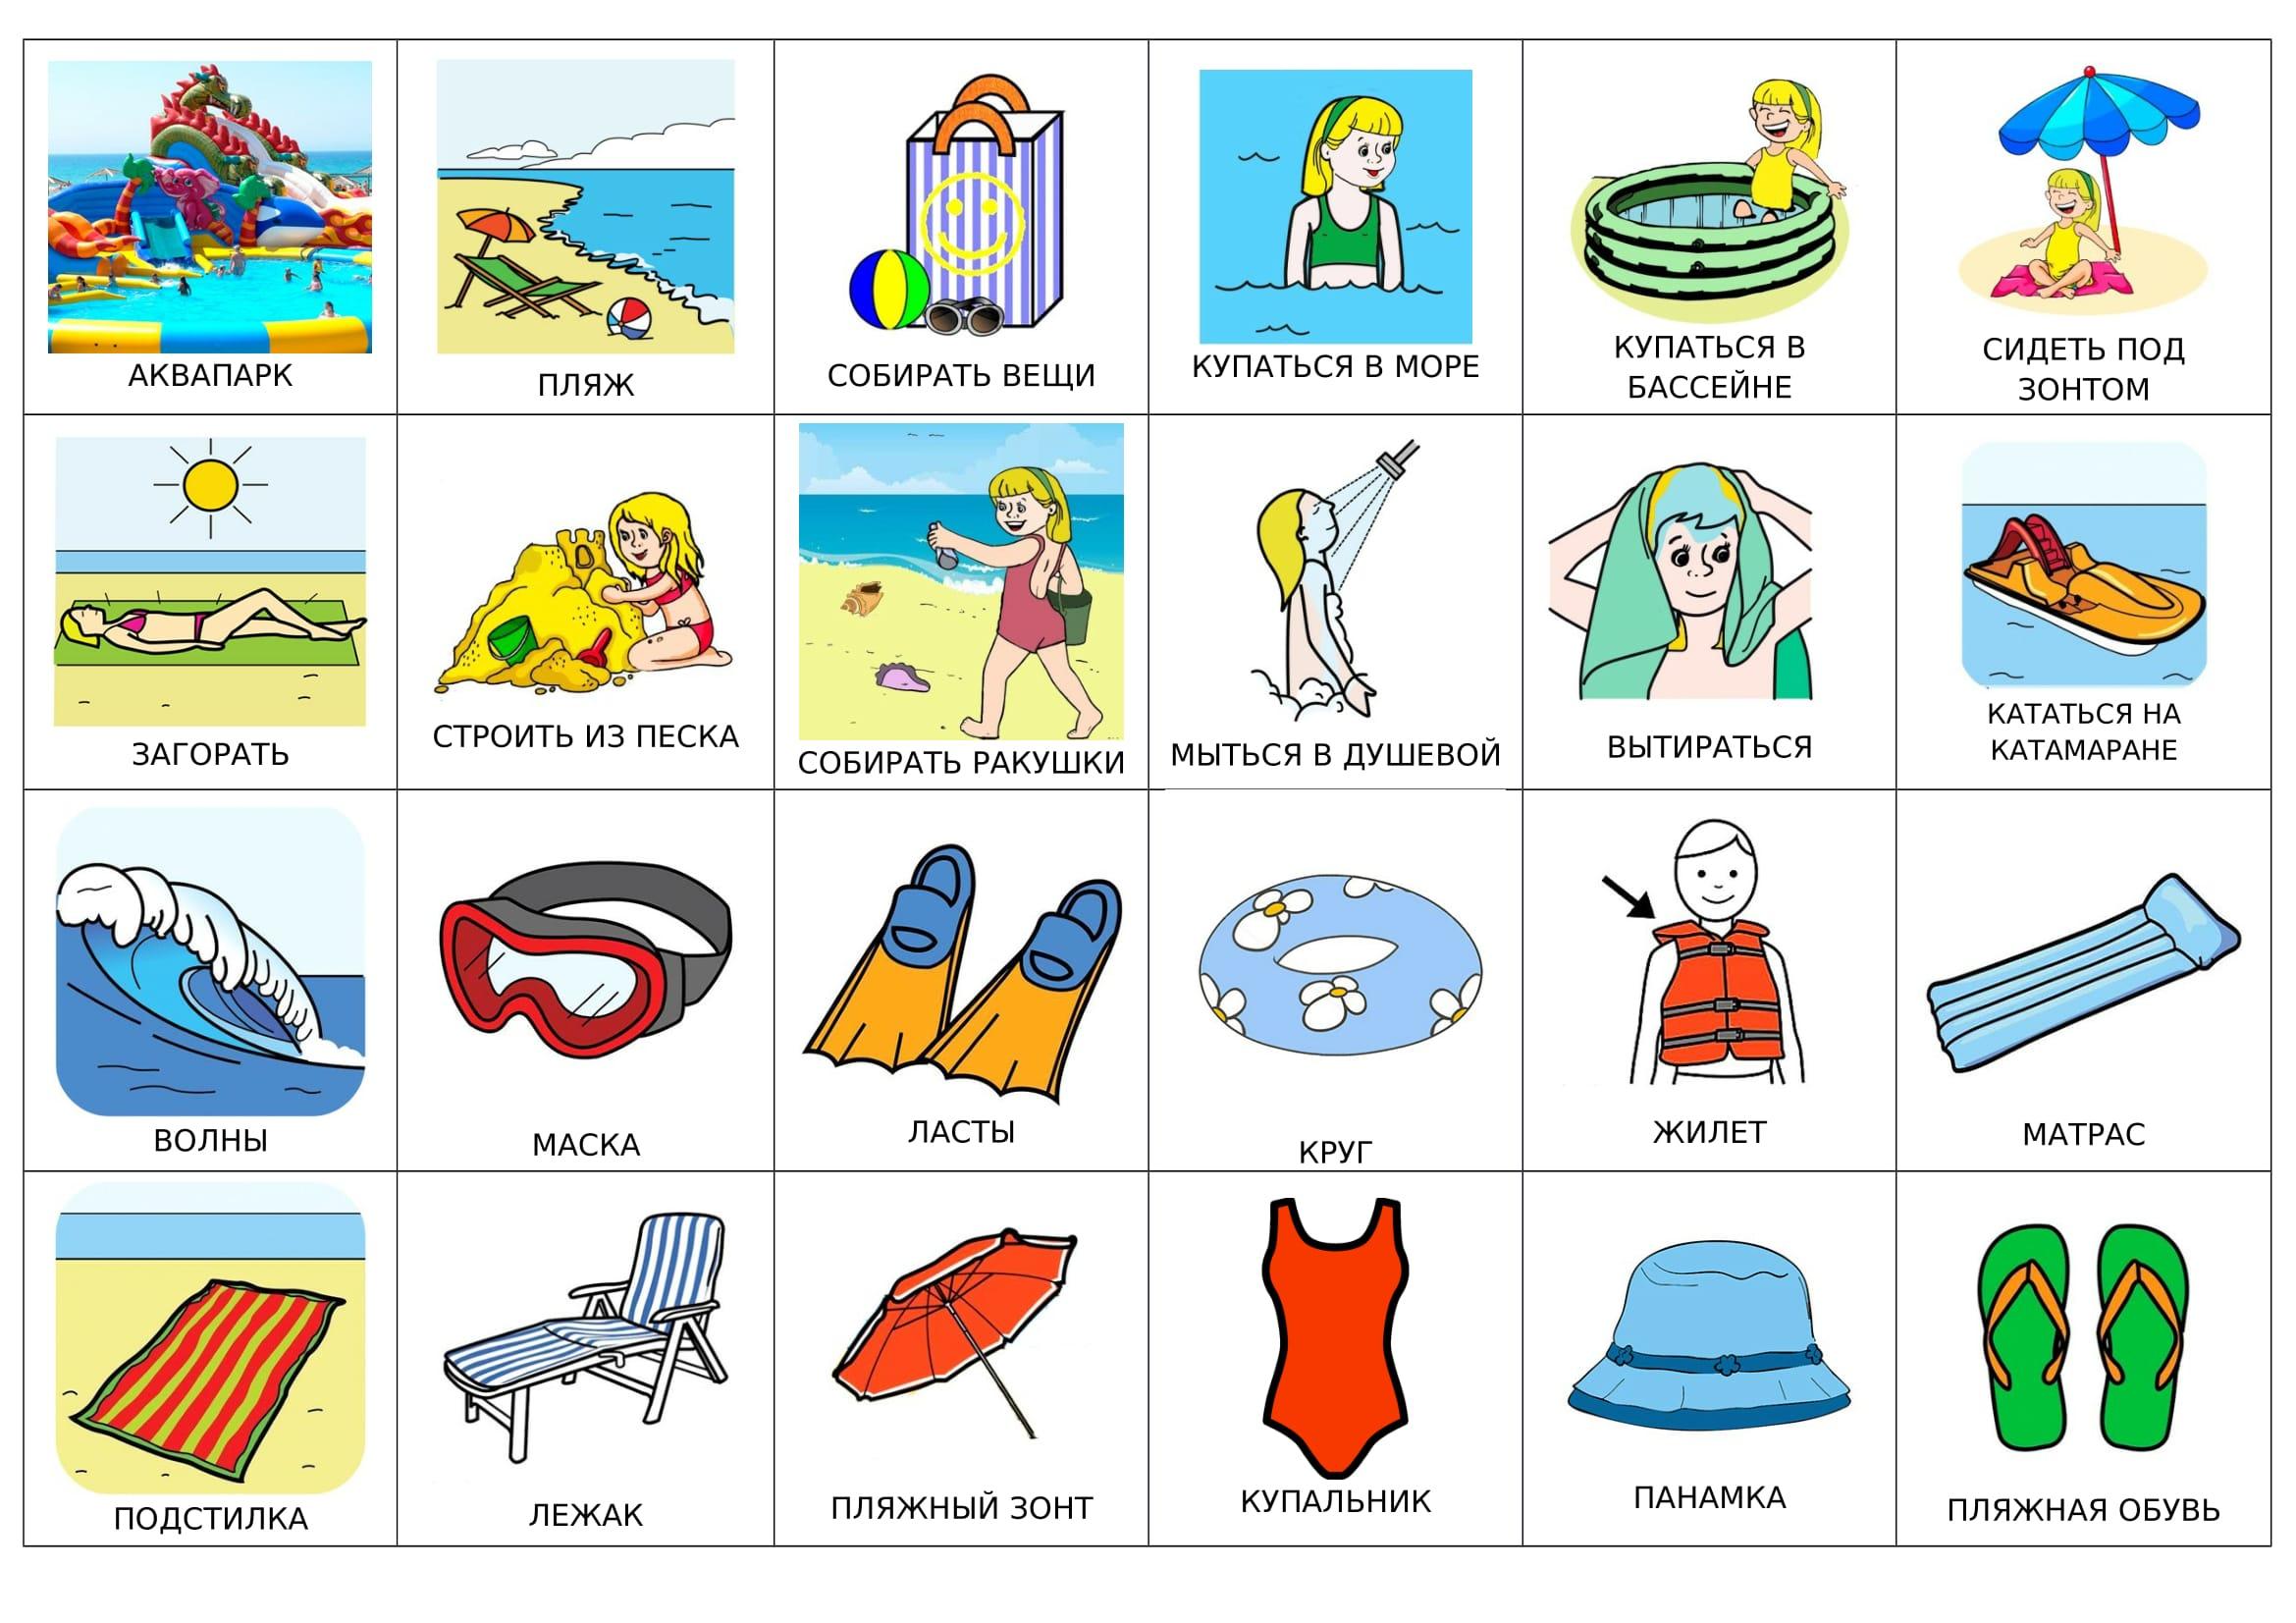 Пляж (на русском)